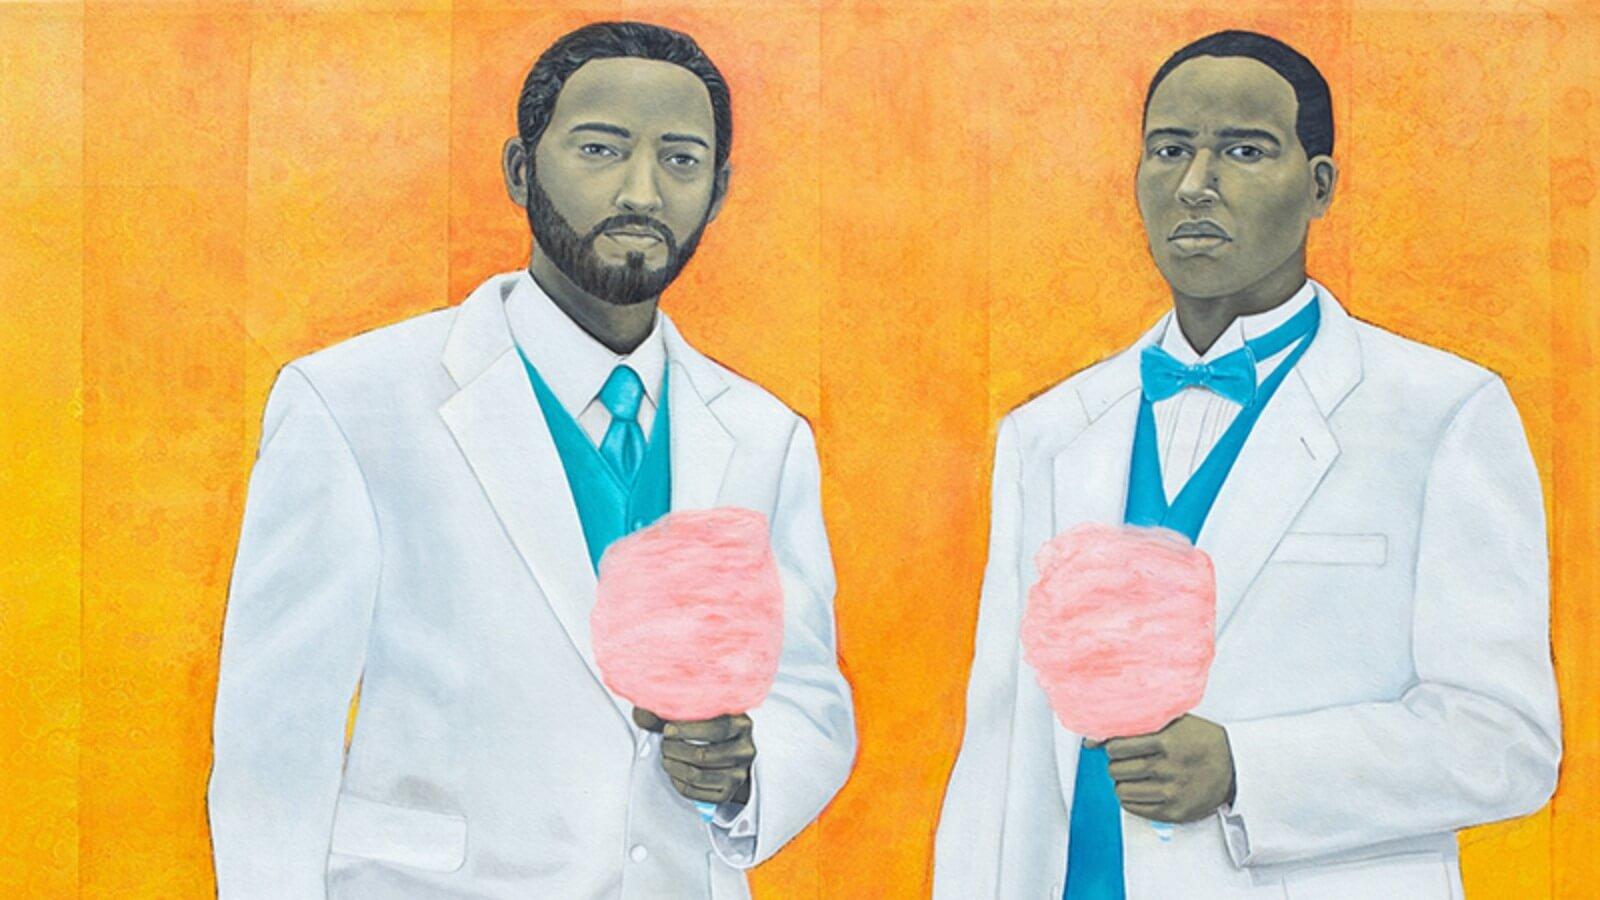 El legado de Barkley L. Hendricks: pionero del retrato africano